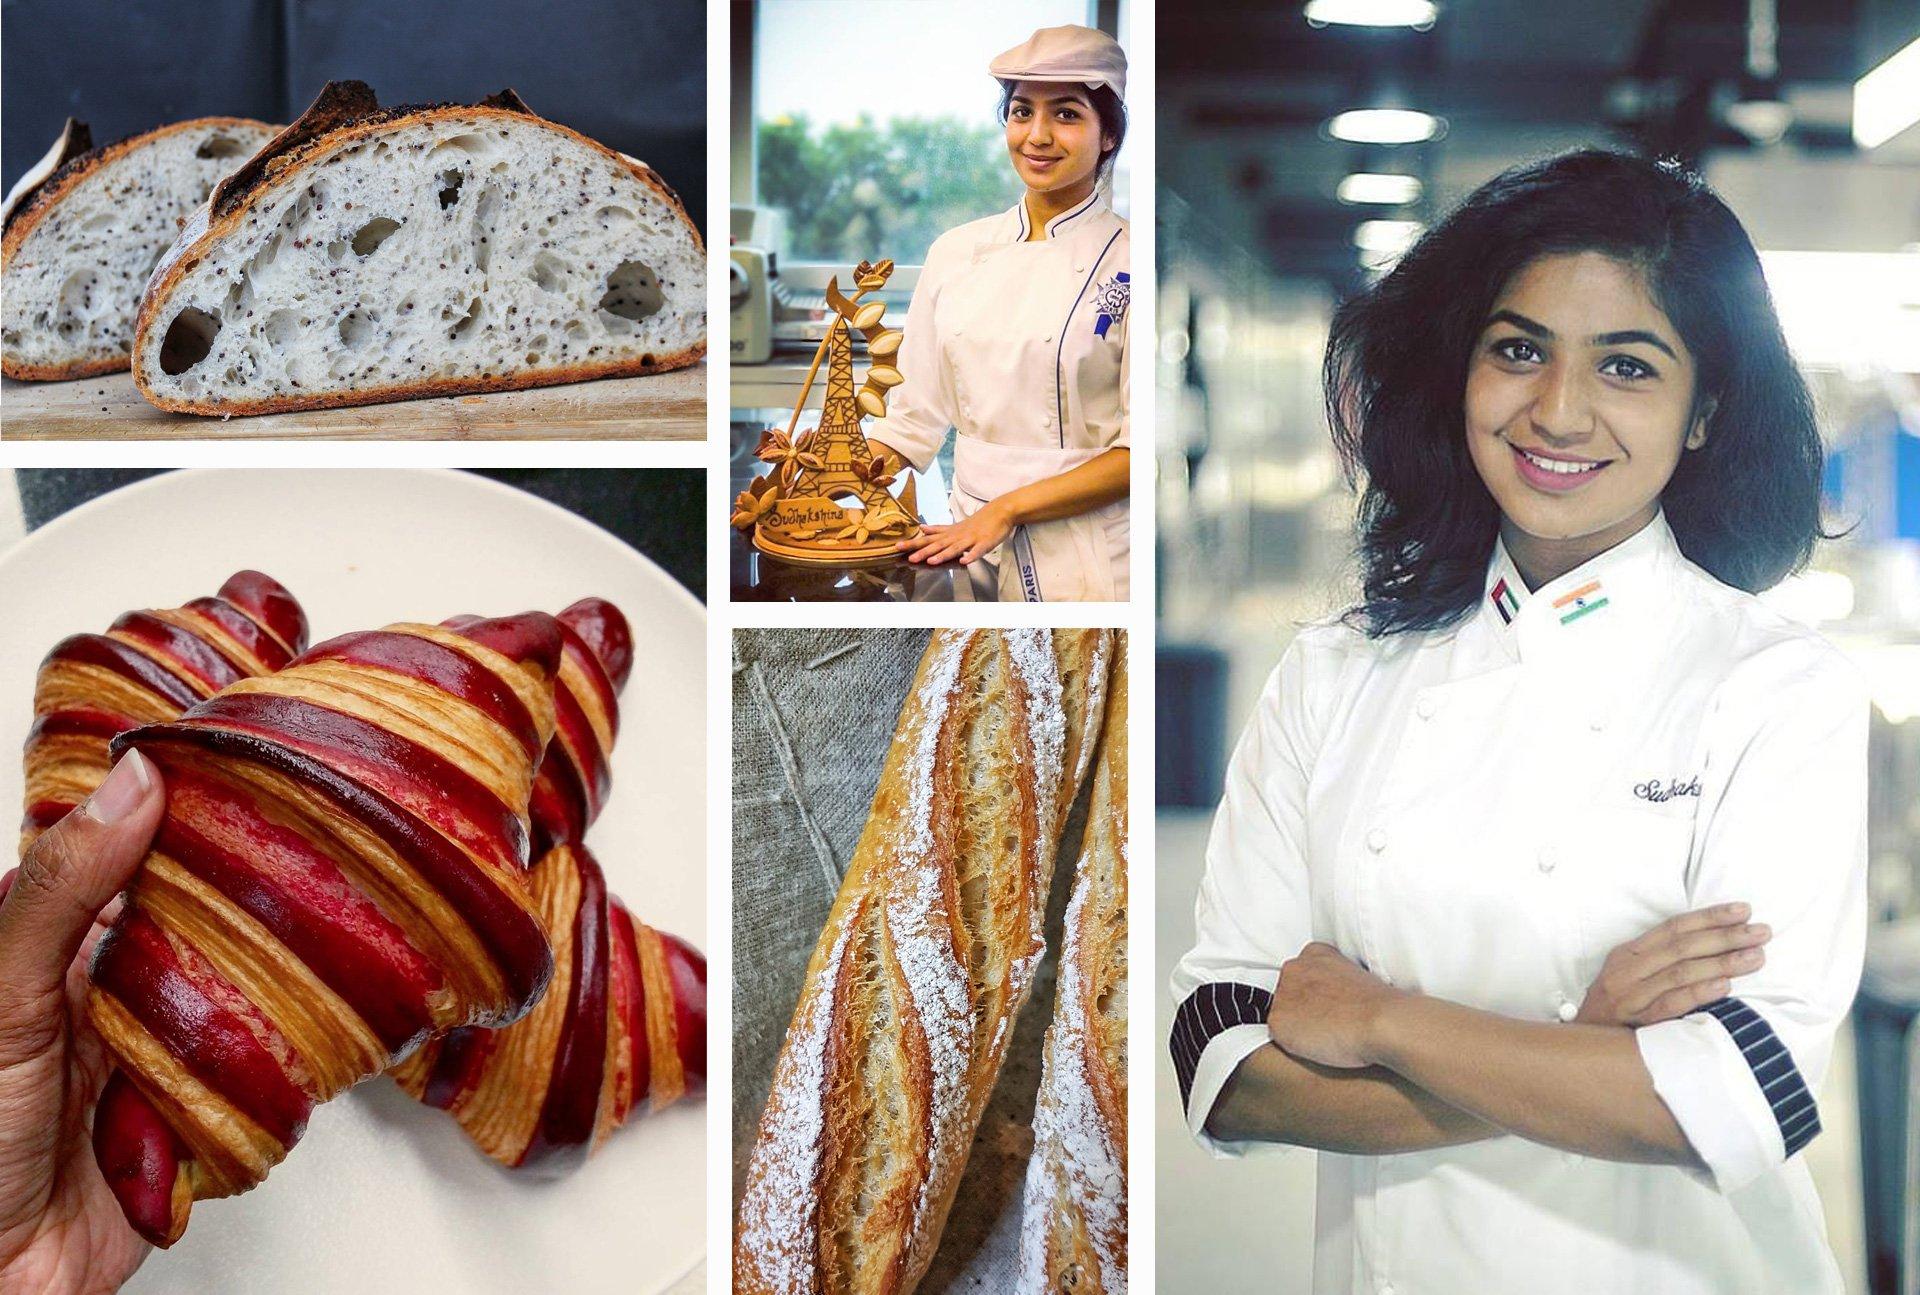 Sudhakshina Shivkumar – Diplômée de Boulangerie